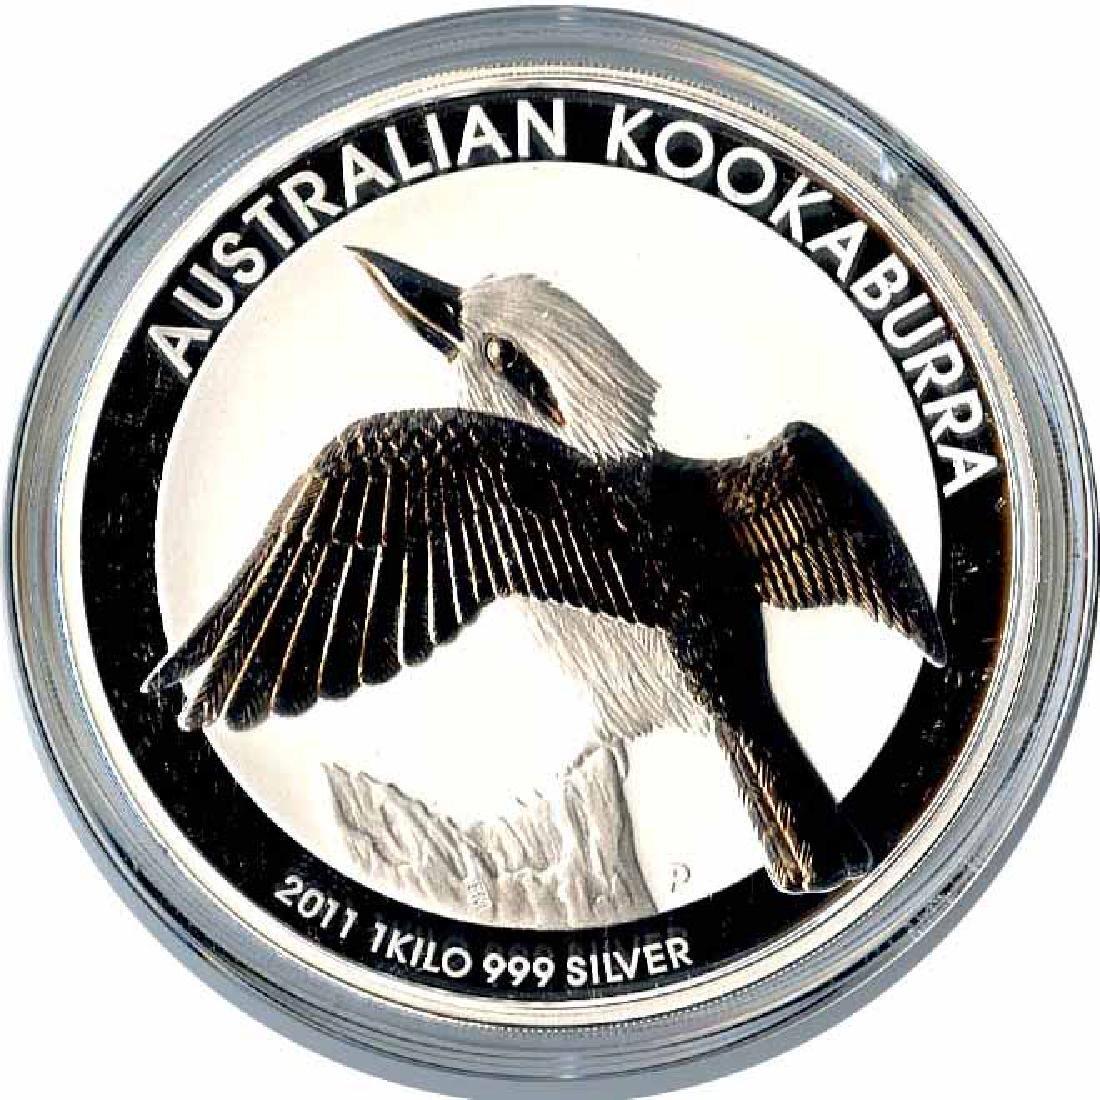 Australian Kookaburra Kilo Silver 2011